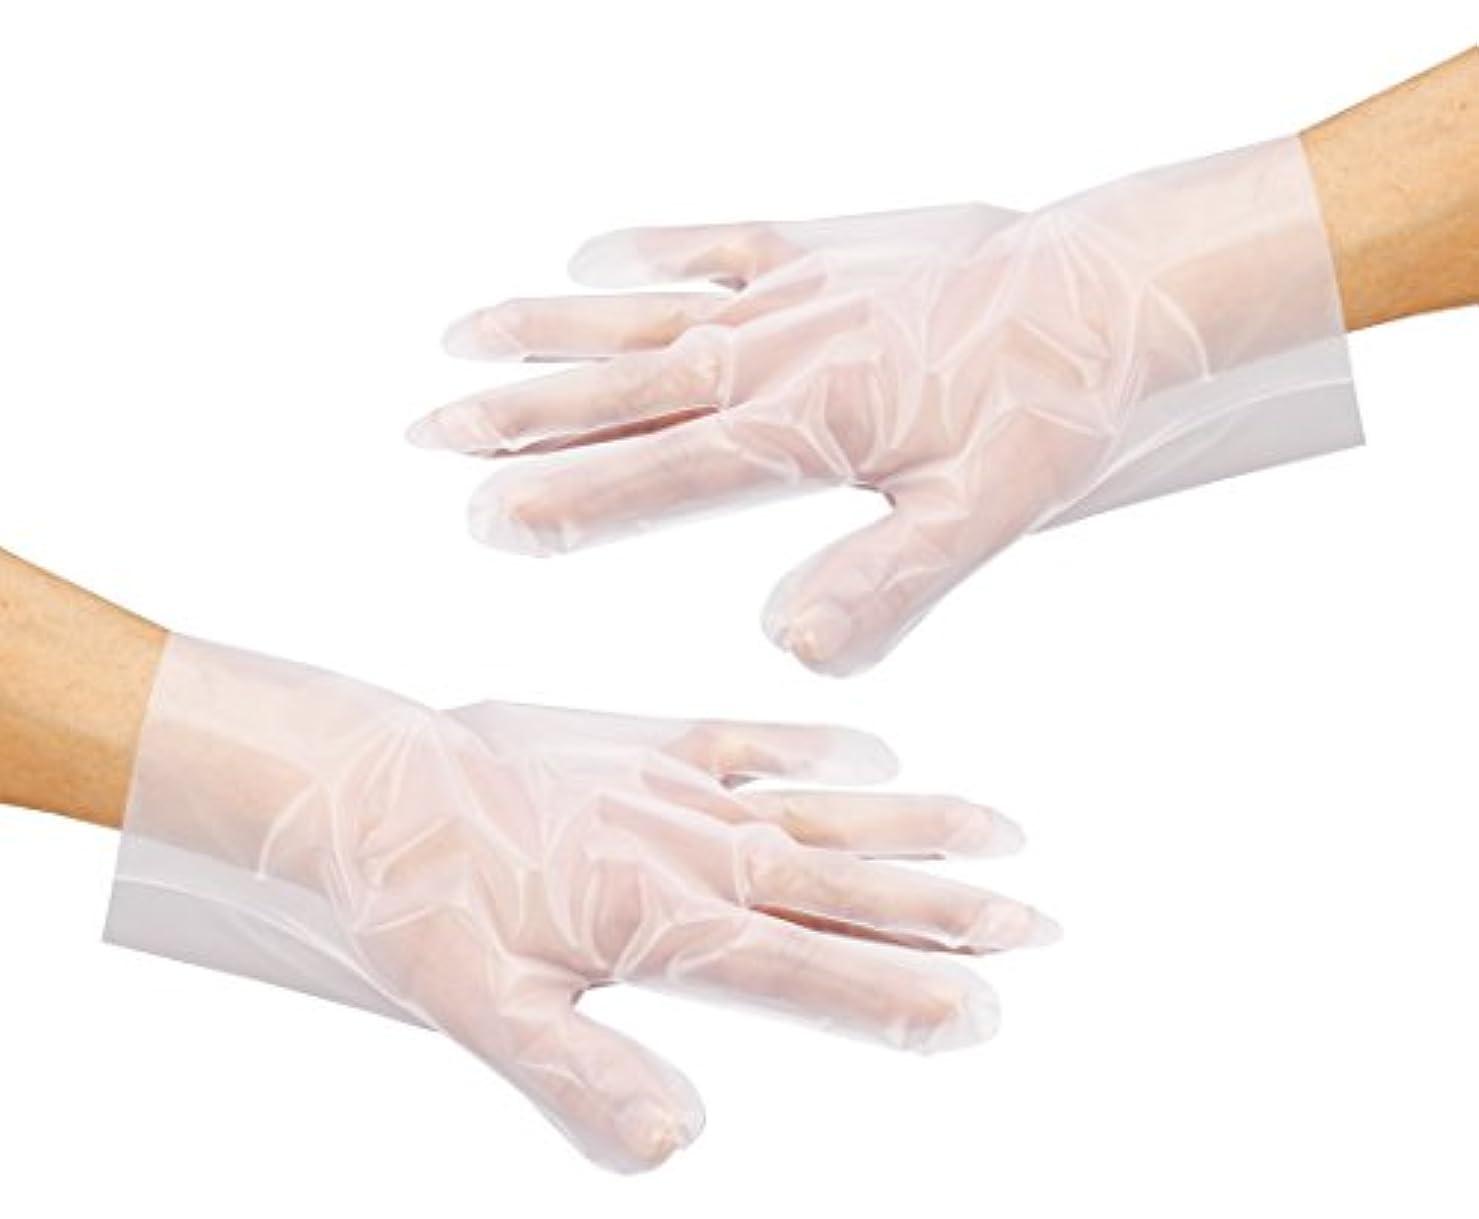 装置してはいけません異なるアズワン サニメント手袋 PE厚手 エンボス付 100入